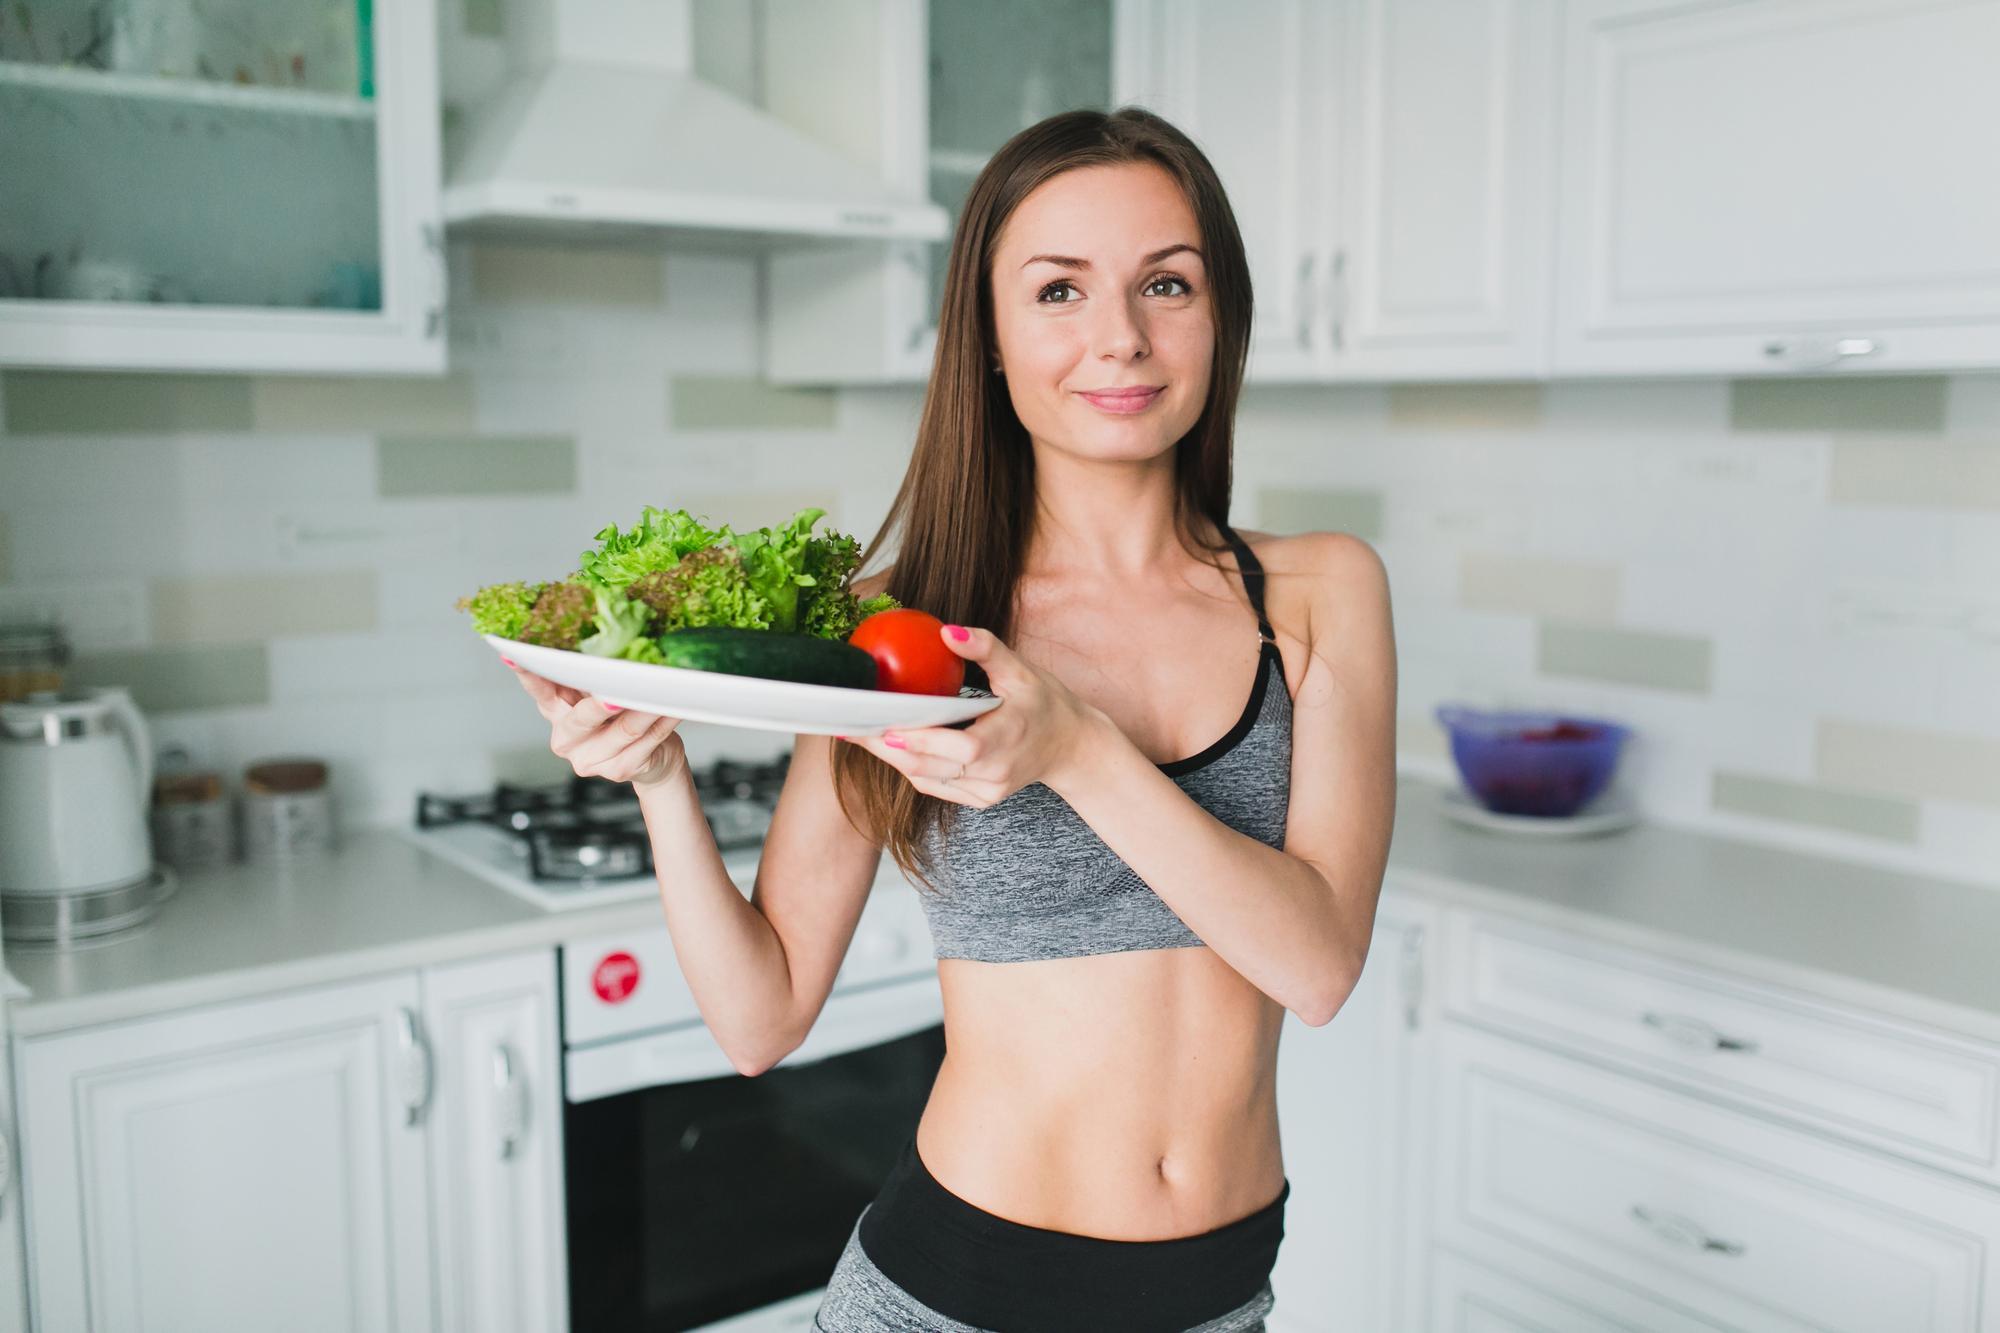 Как сбросить лишний вес - скидываем лишнее в домашних условиях